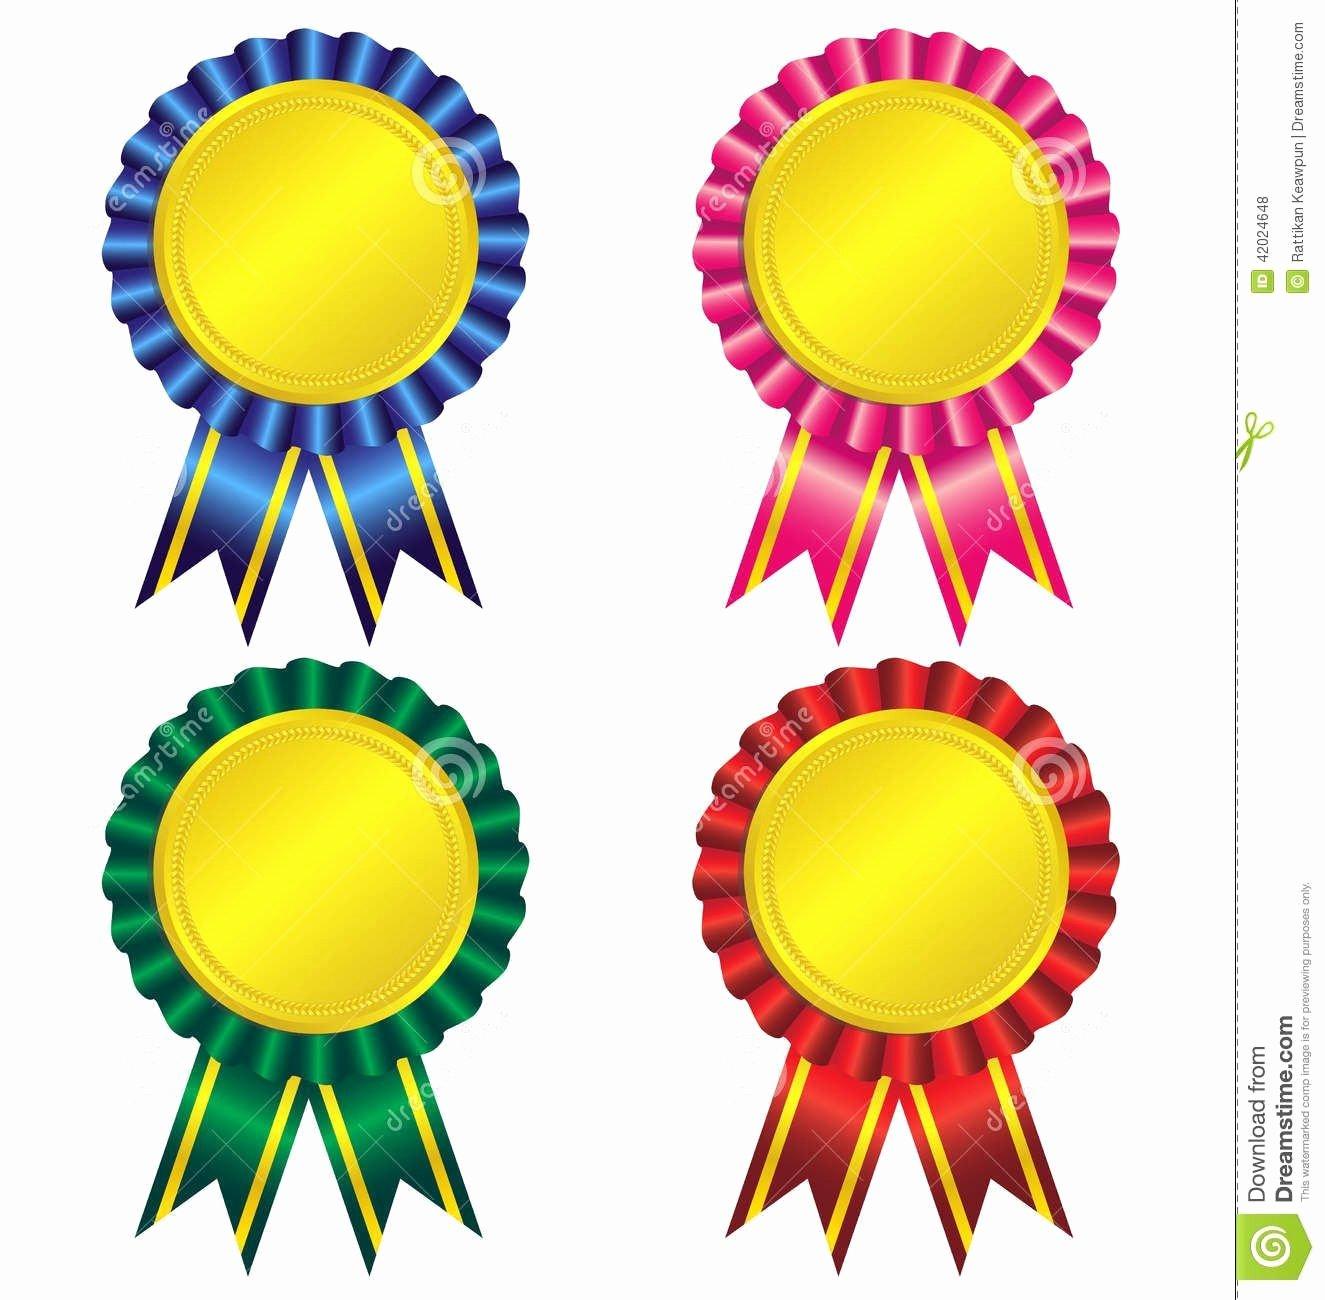 Free Printable Award Ribbons Elegant Award Ribbon Template Free Templates Entrancing Blank